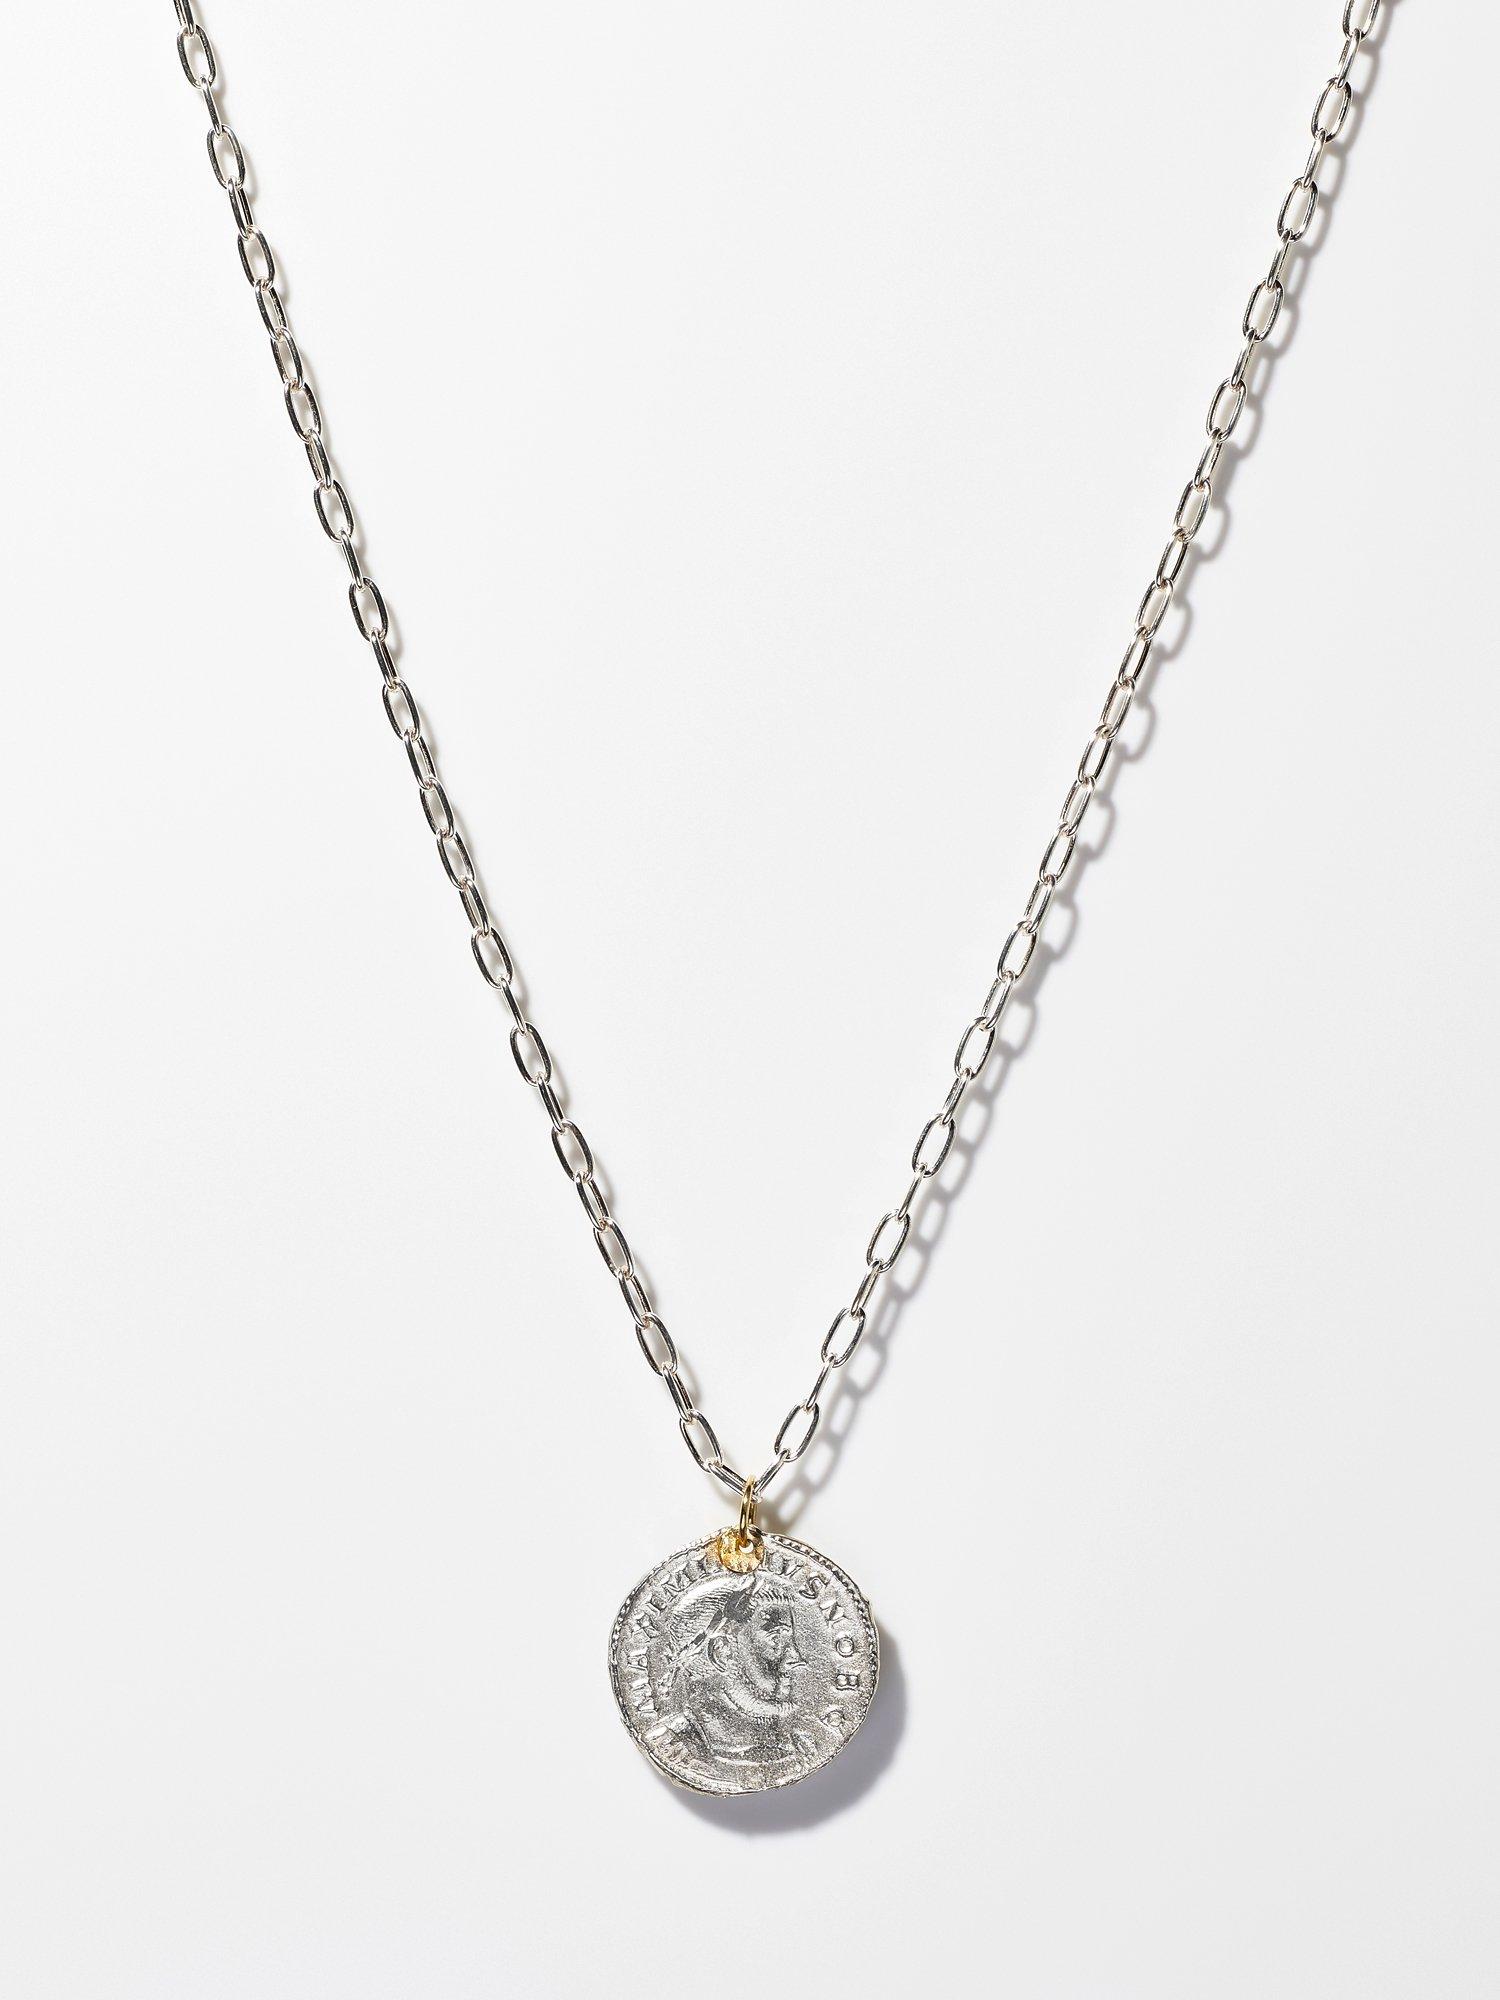 ARTEMIS / Roman coin necklace / FOLLIS / 在庫商品